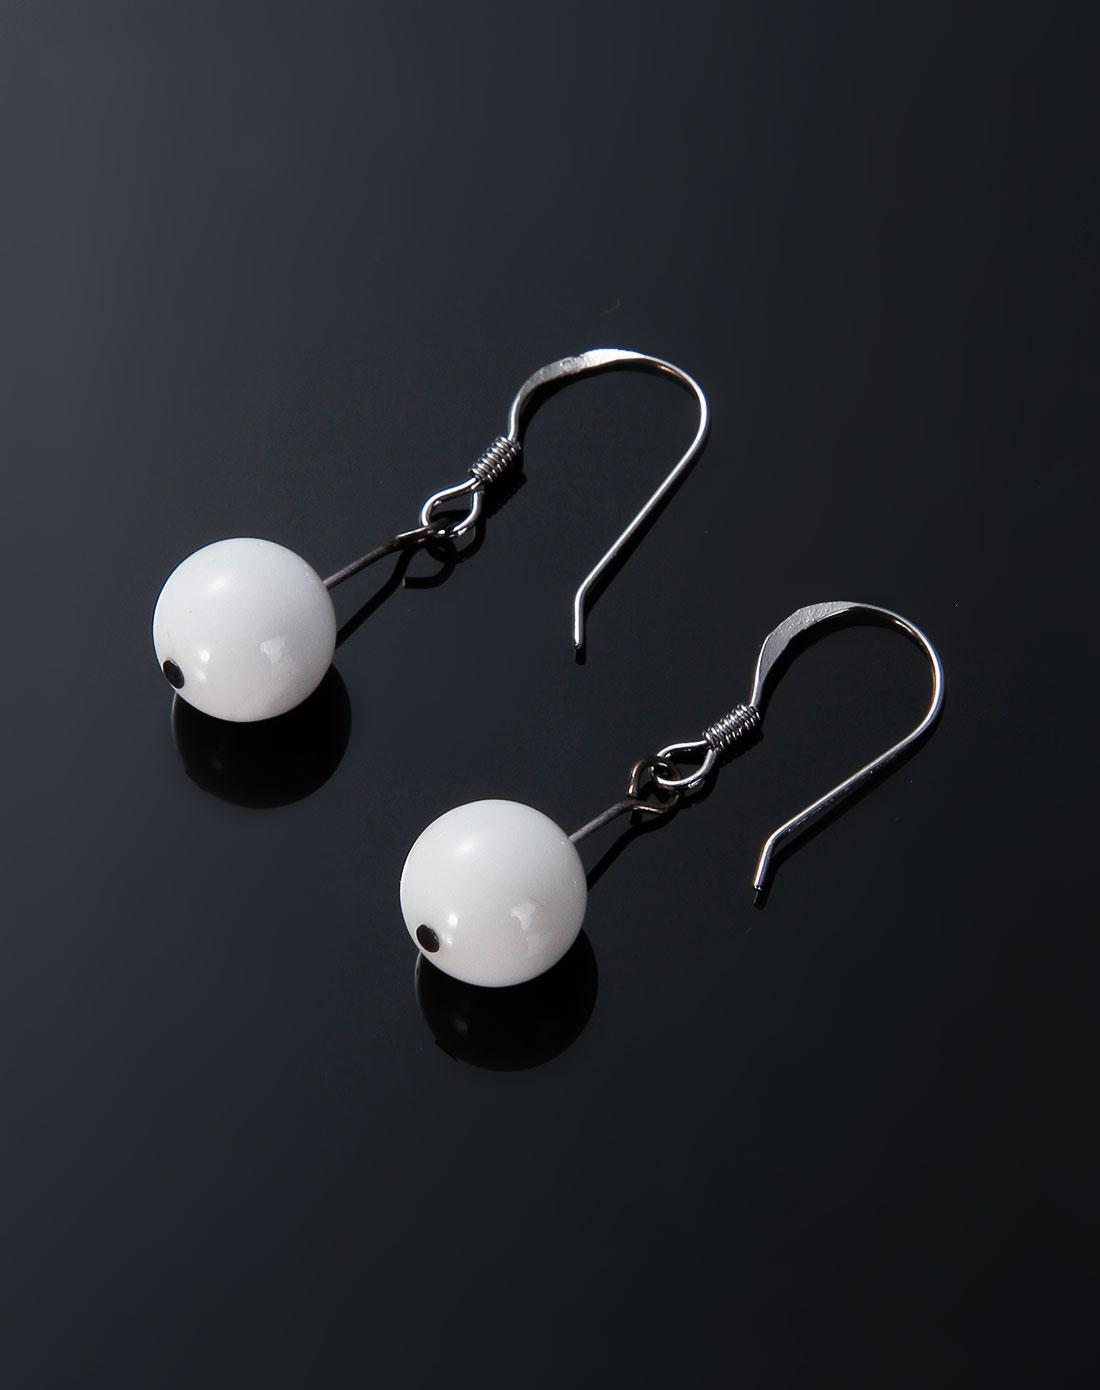 玉石饰品库存专场-博金珠宝 白色砗磲耳钉